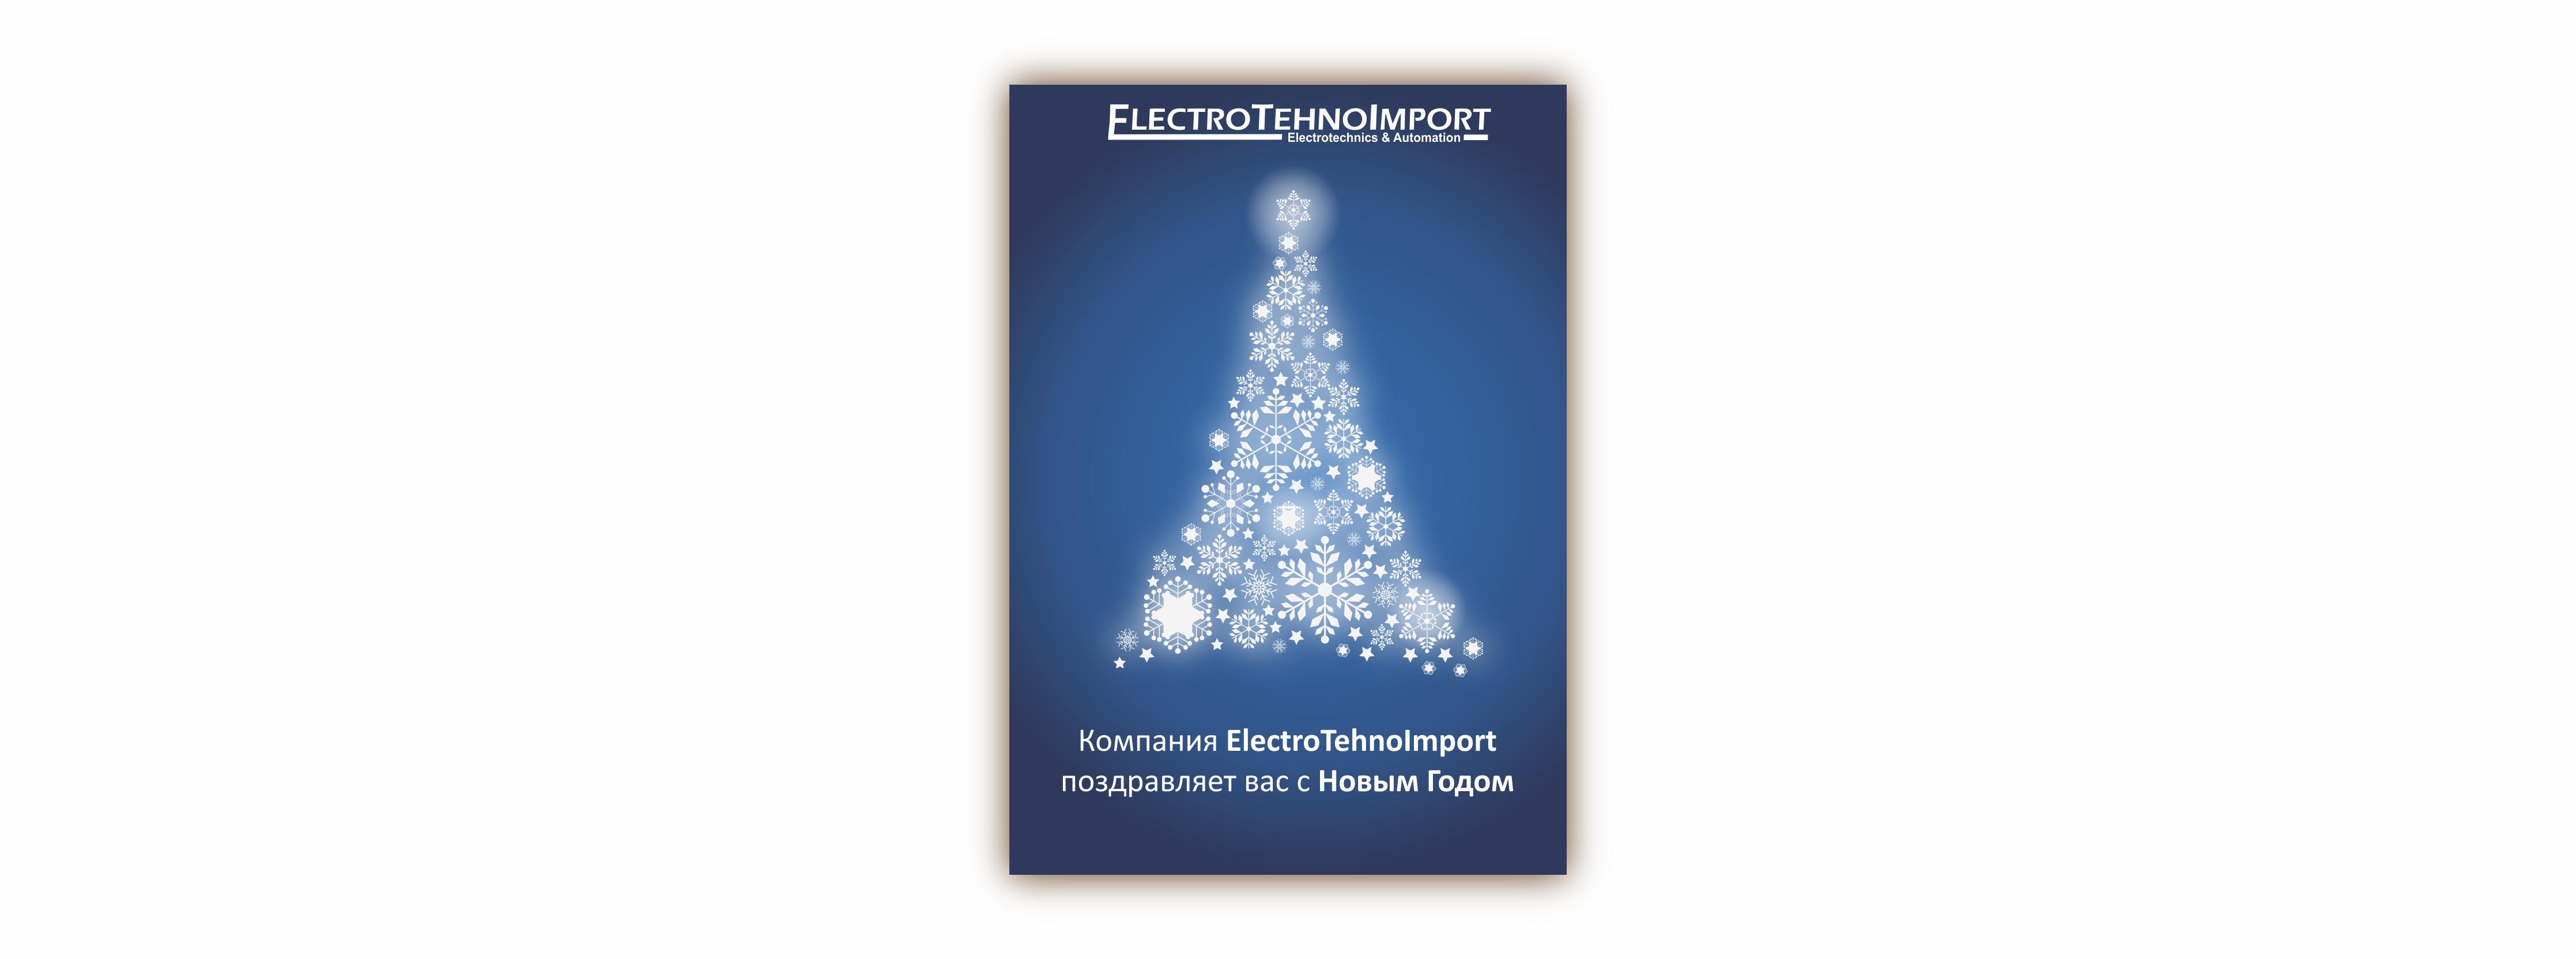 Коллектив ElectroTehnoImport поздравляет вас с Новым 2019 Годом!